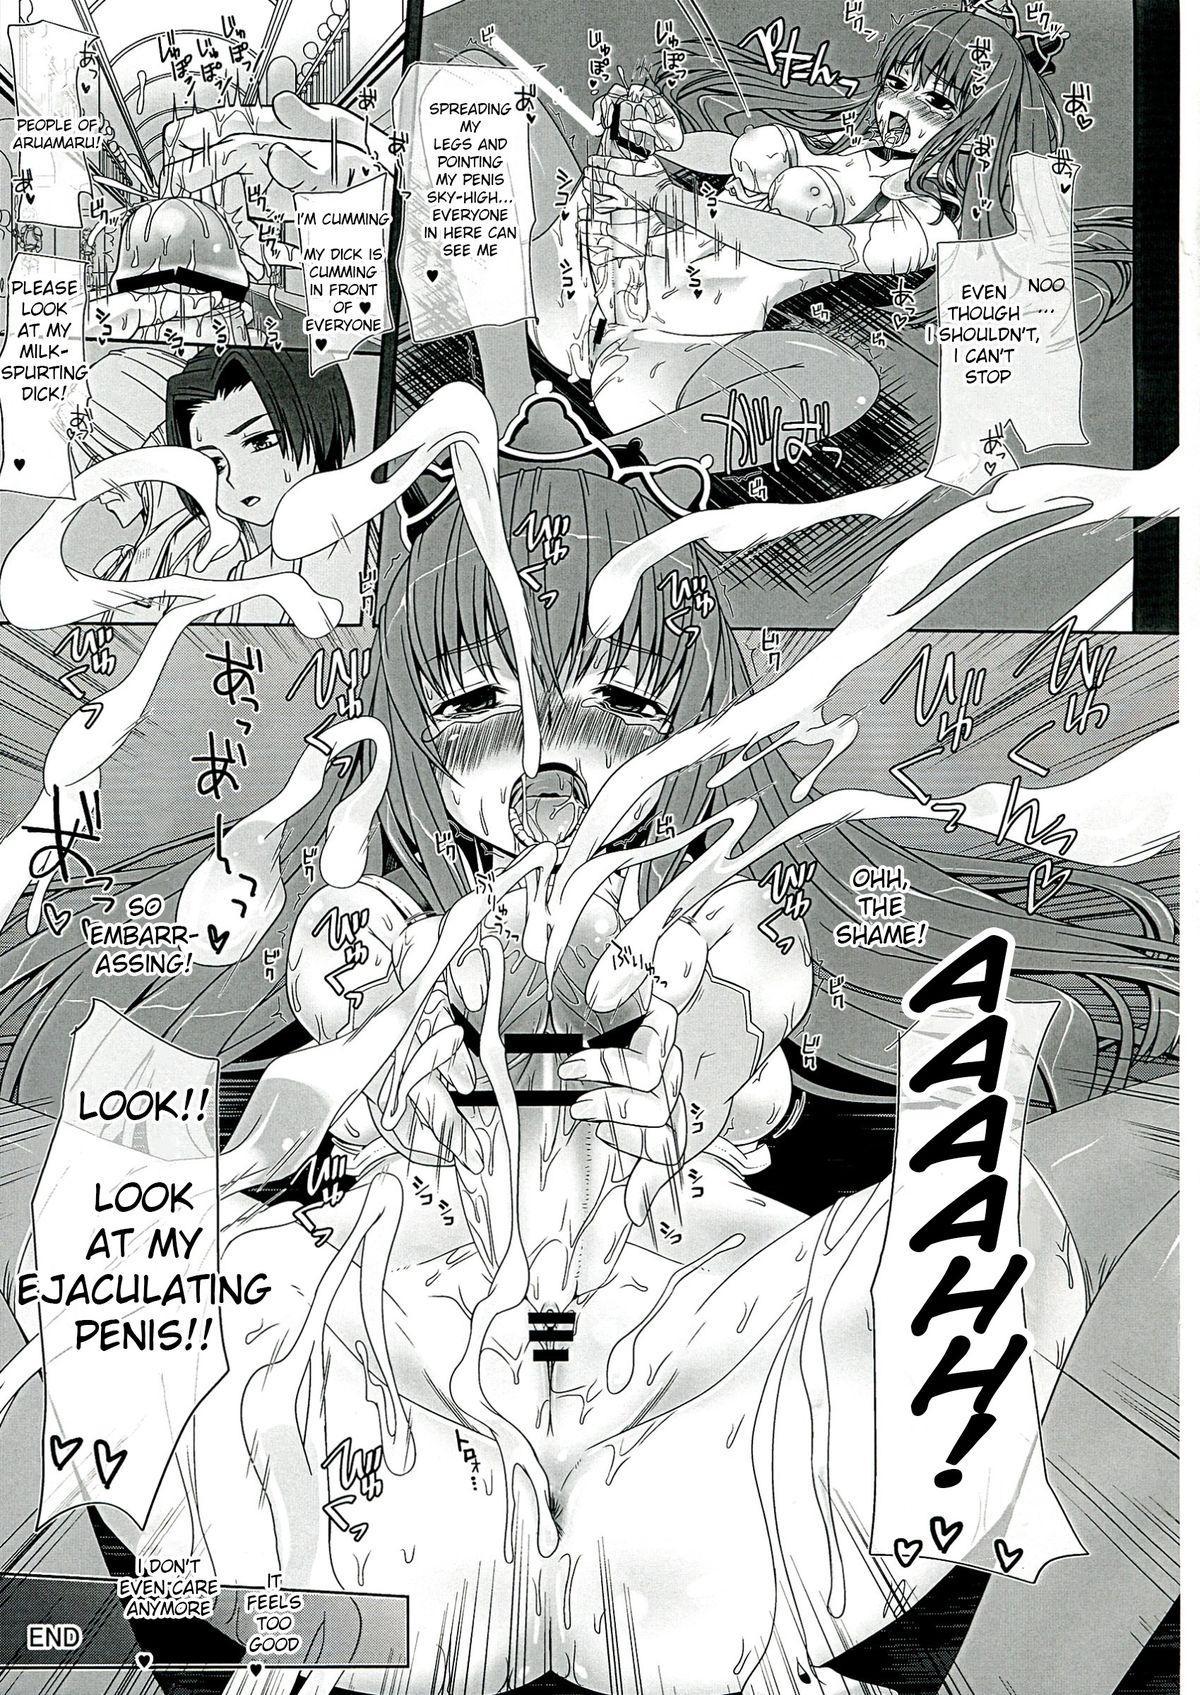 Chijoku Jokamachi 6 19